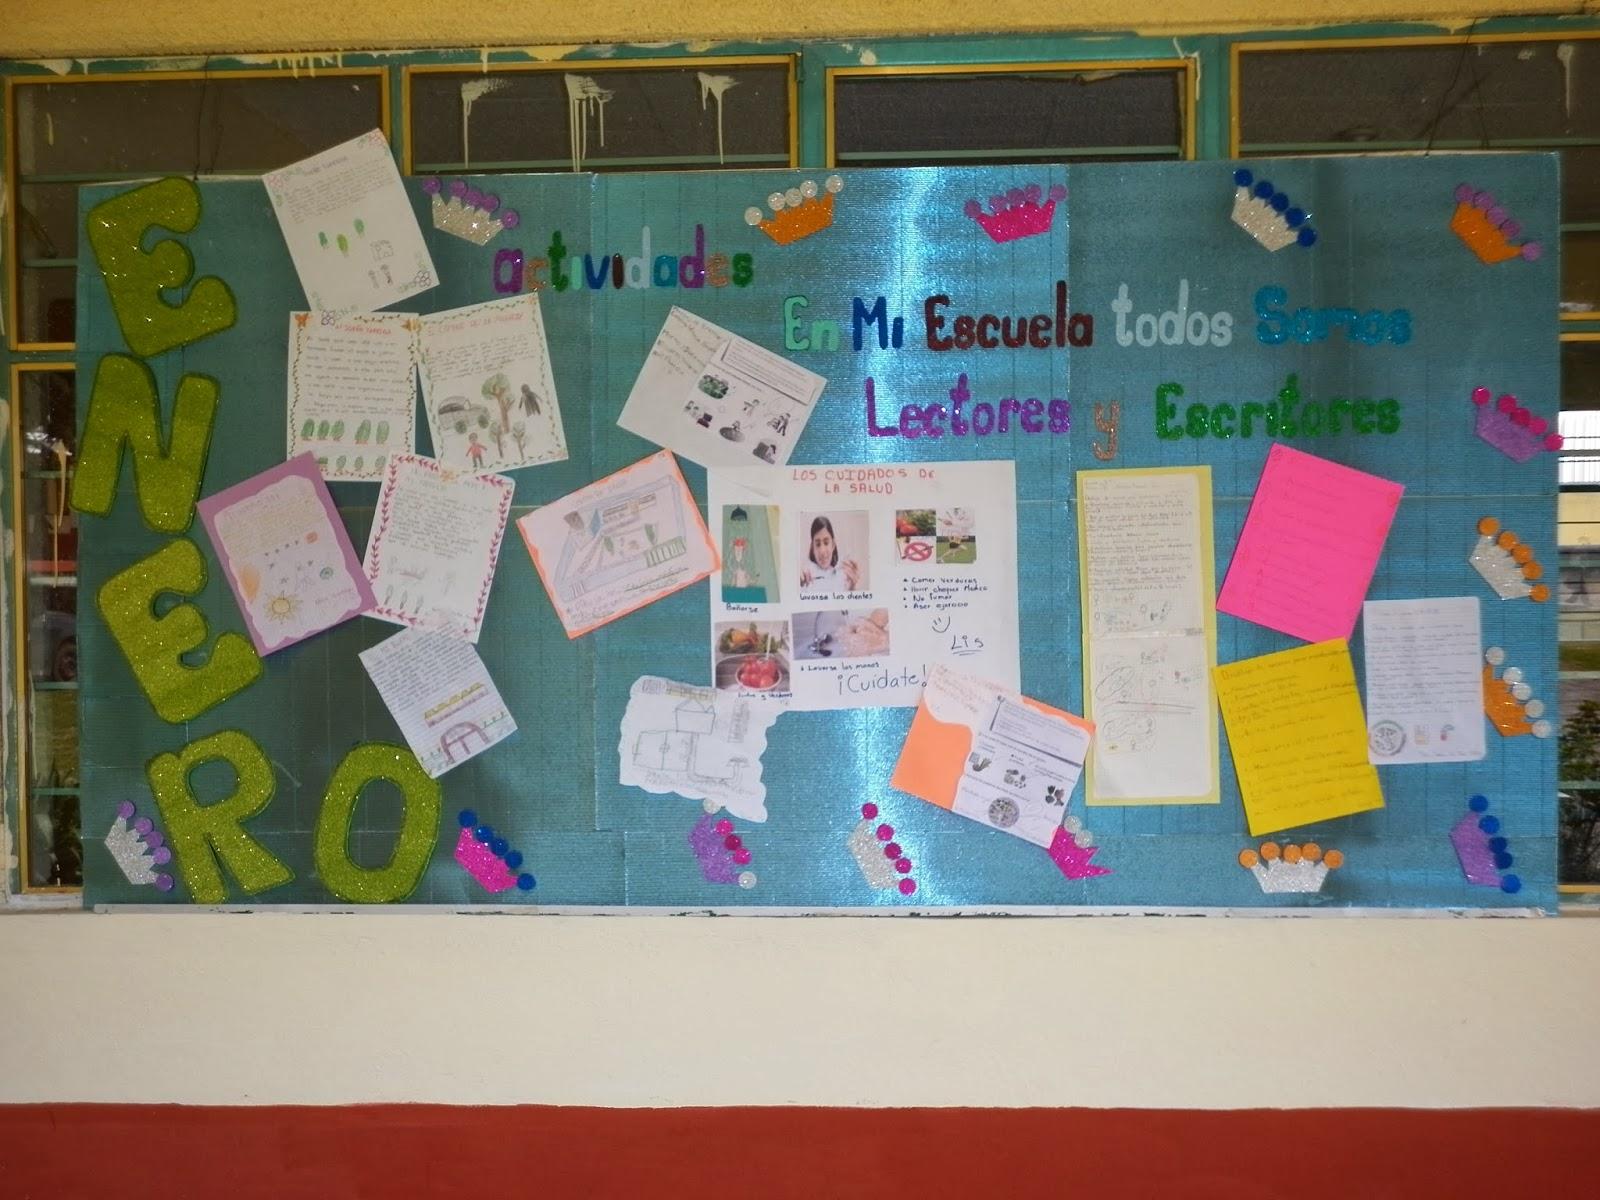 Biblioteca escolar peri dico mural enero for Estructura de un periodico mural escolar